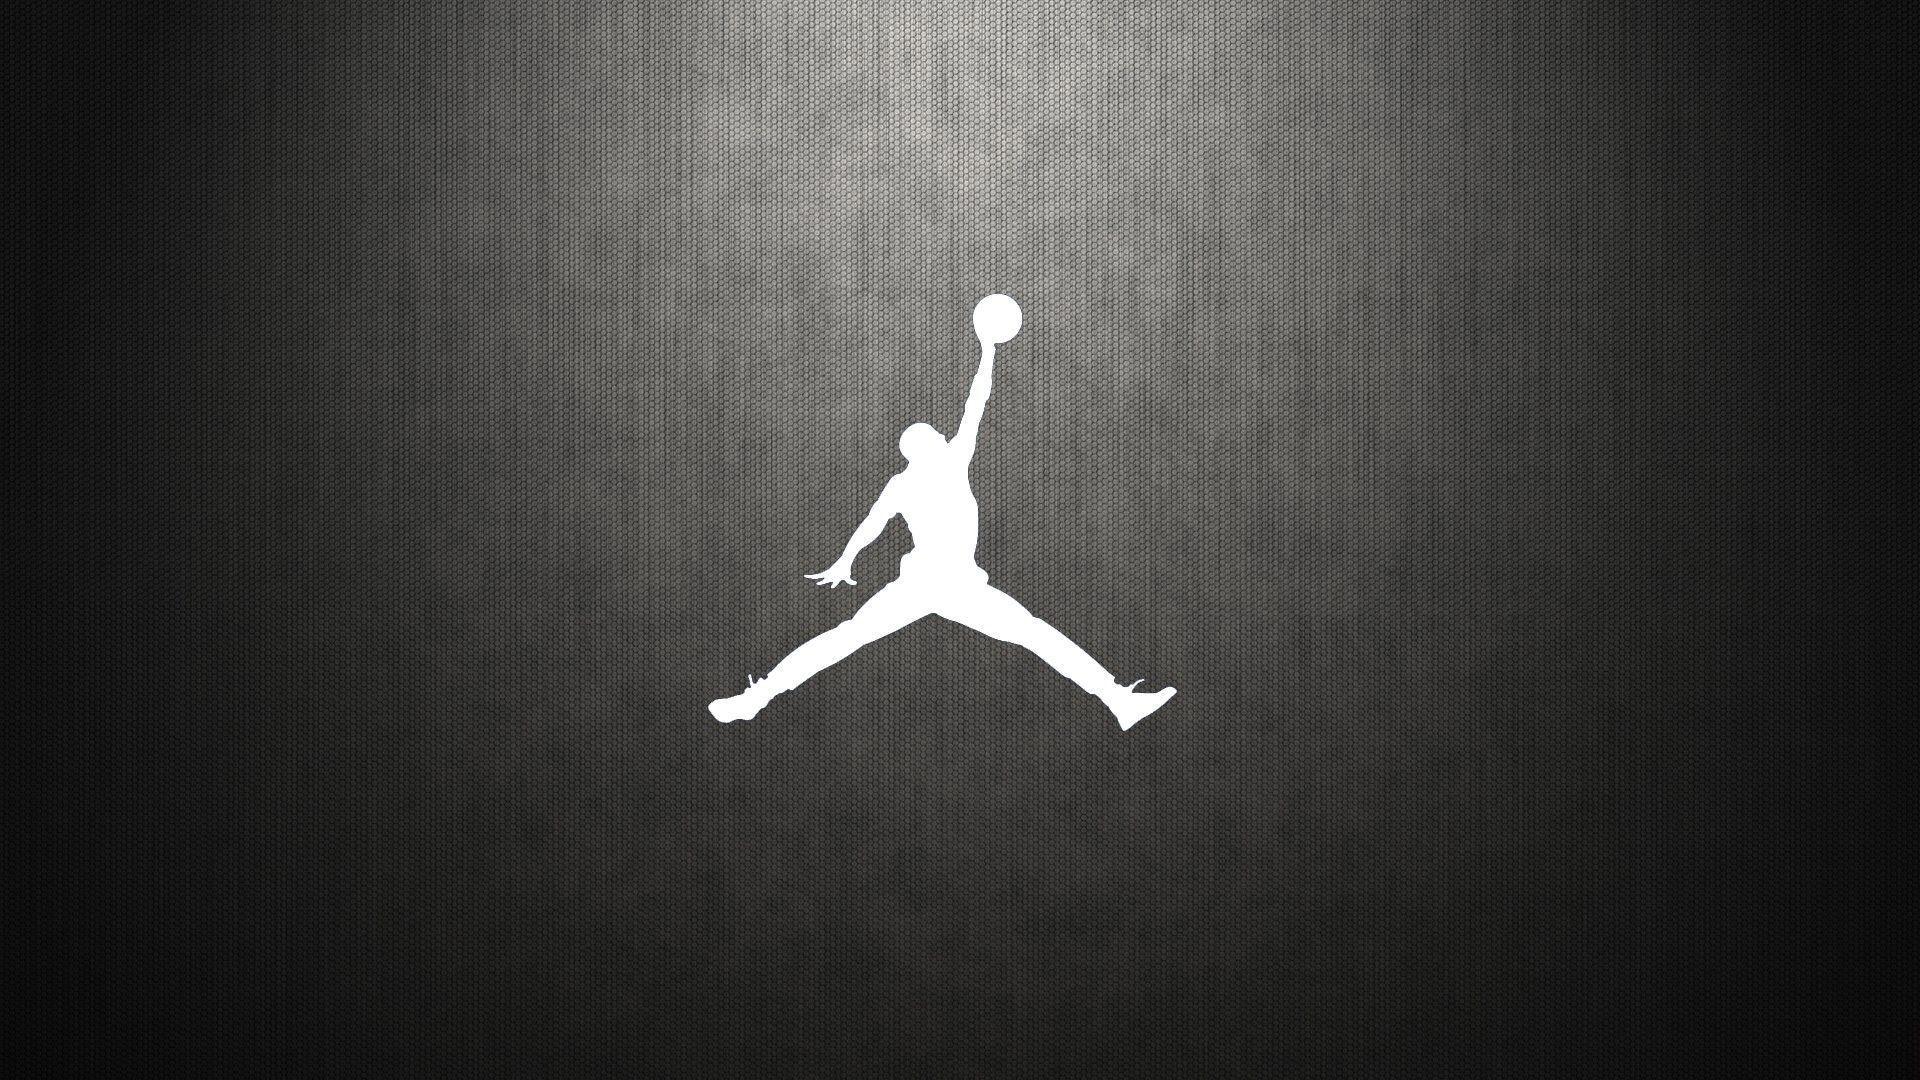 This Is Jorden In Nba Jordan Logo Wallpaper Logo Wallpaper Hd Nike Logo Wallpapers